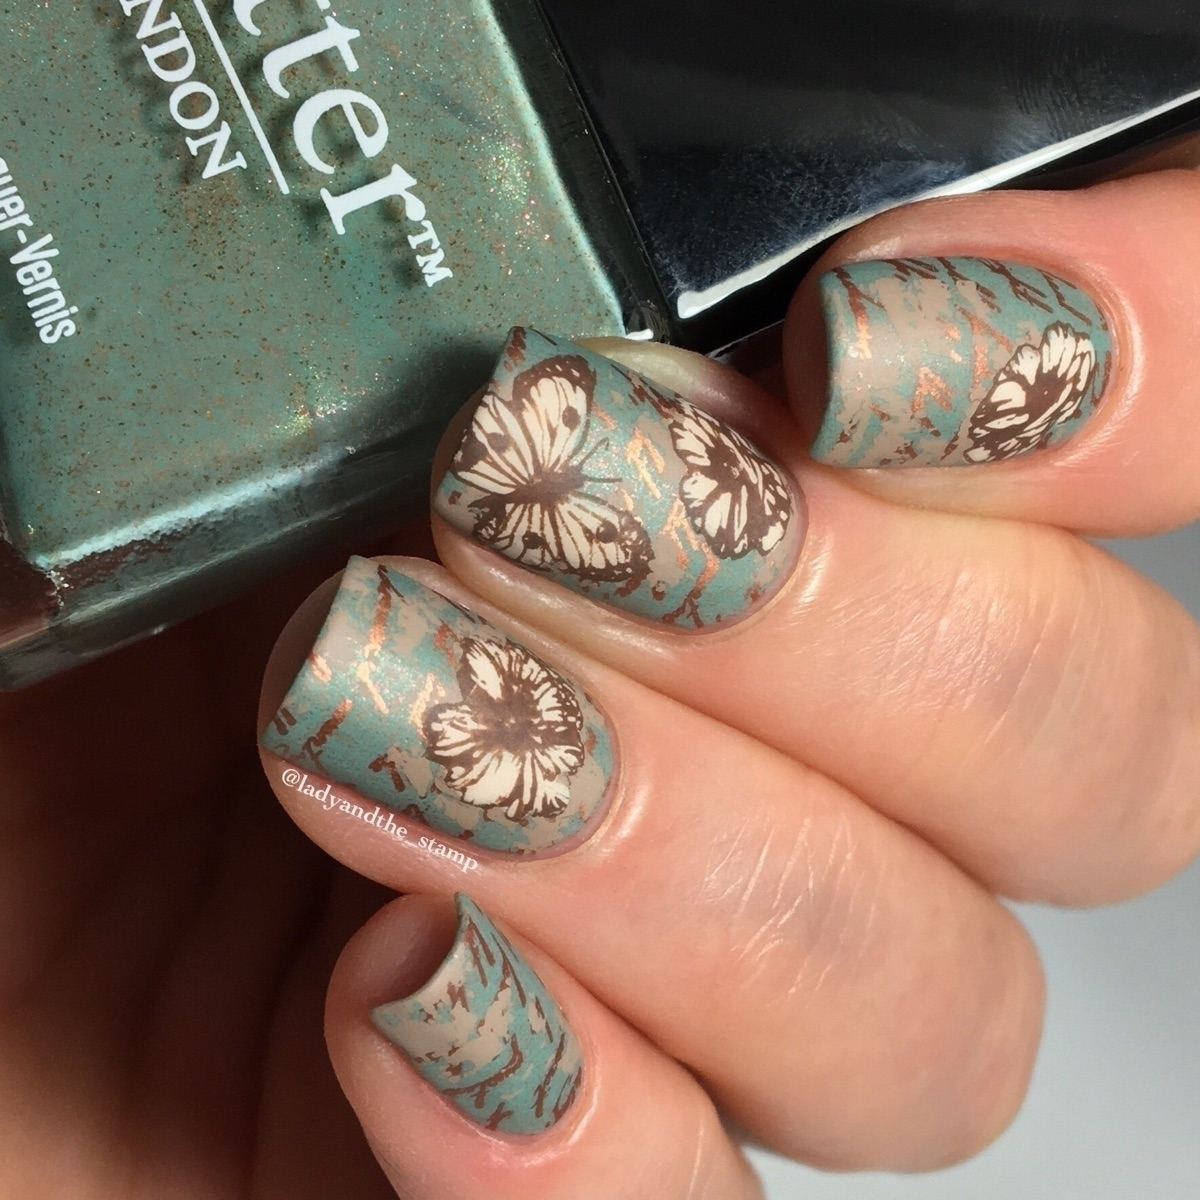 Debbie 🇬🇧 (@ladyandthe_stamp) Cover Image